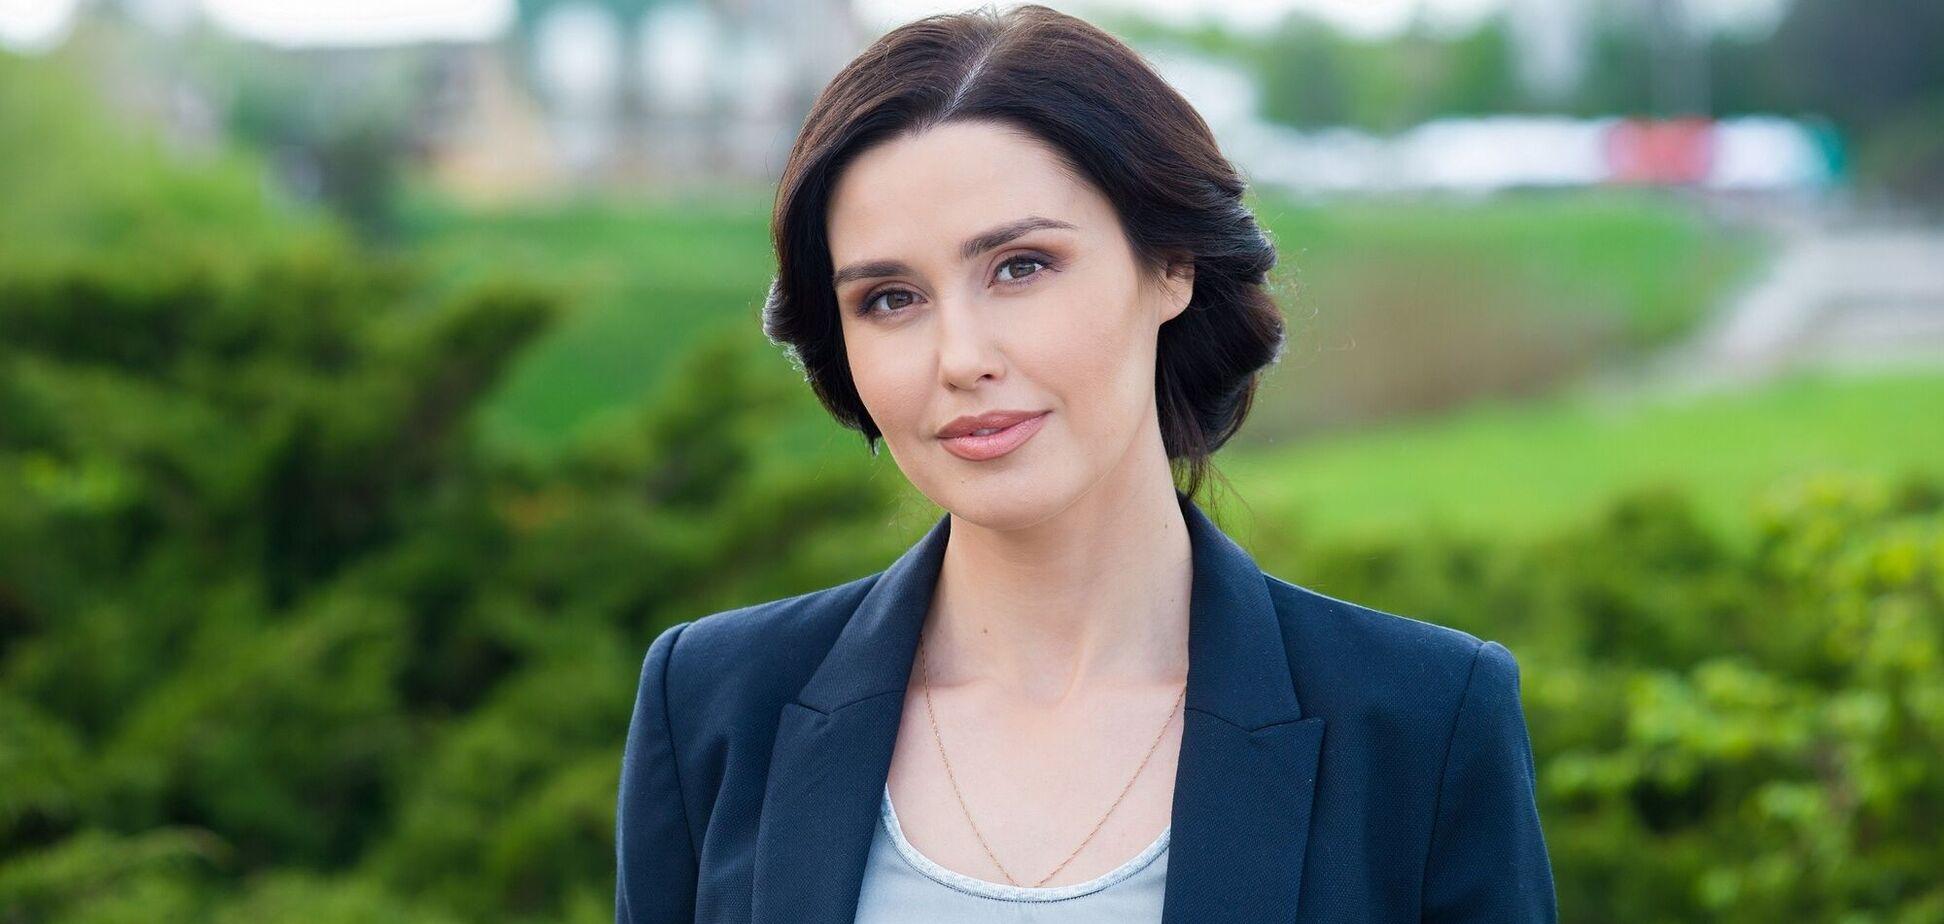 Людмила Барбір розповіла про ускладнення після коронавірусу - порушення сну і проблема з нирками